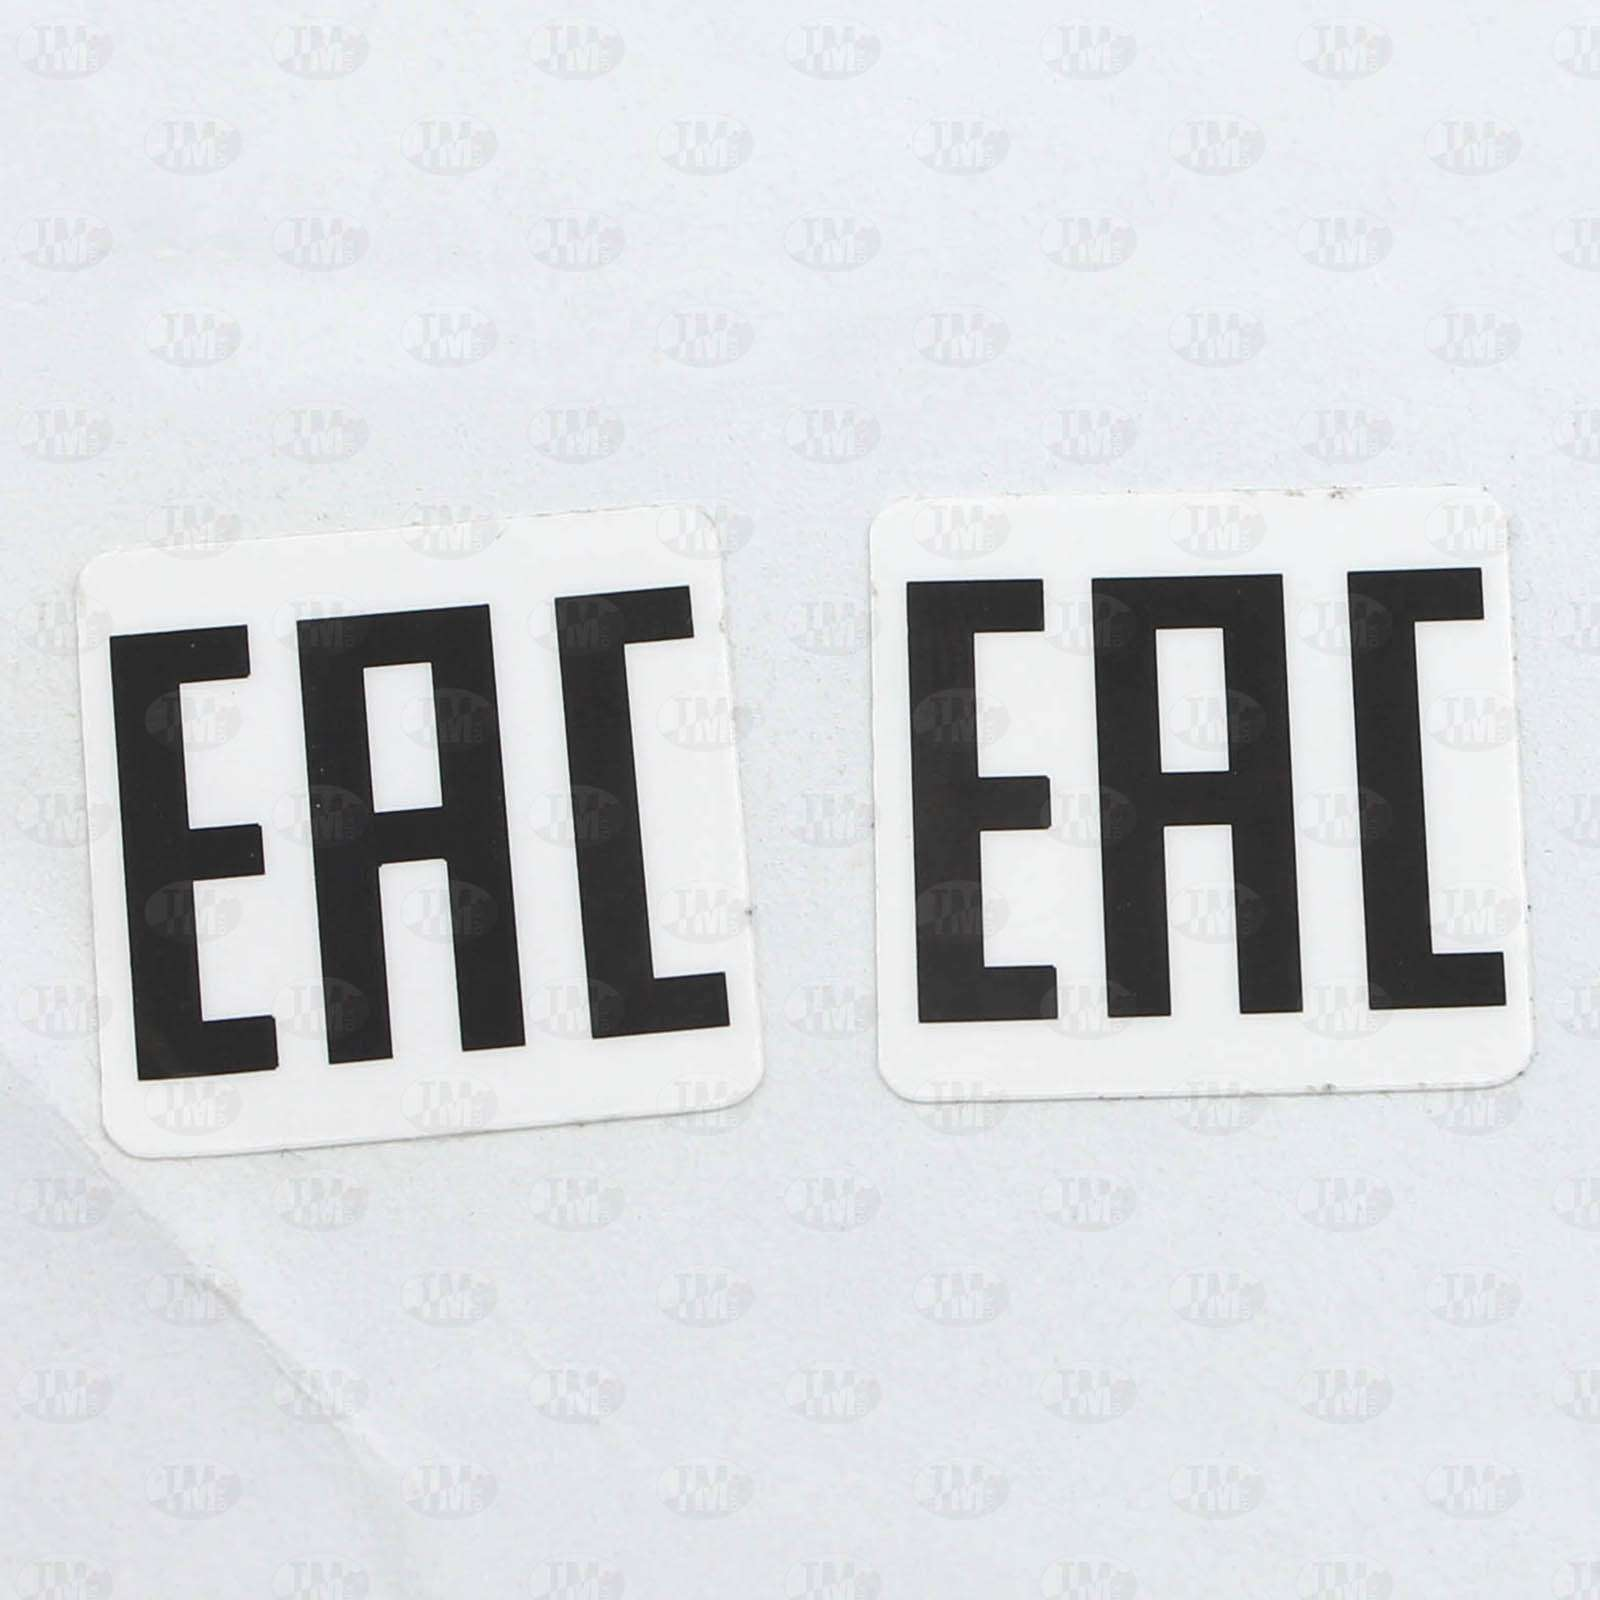 Этикетки 50*50 мм с надписью ЕАС из белого полиэстера